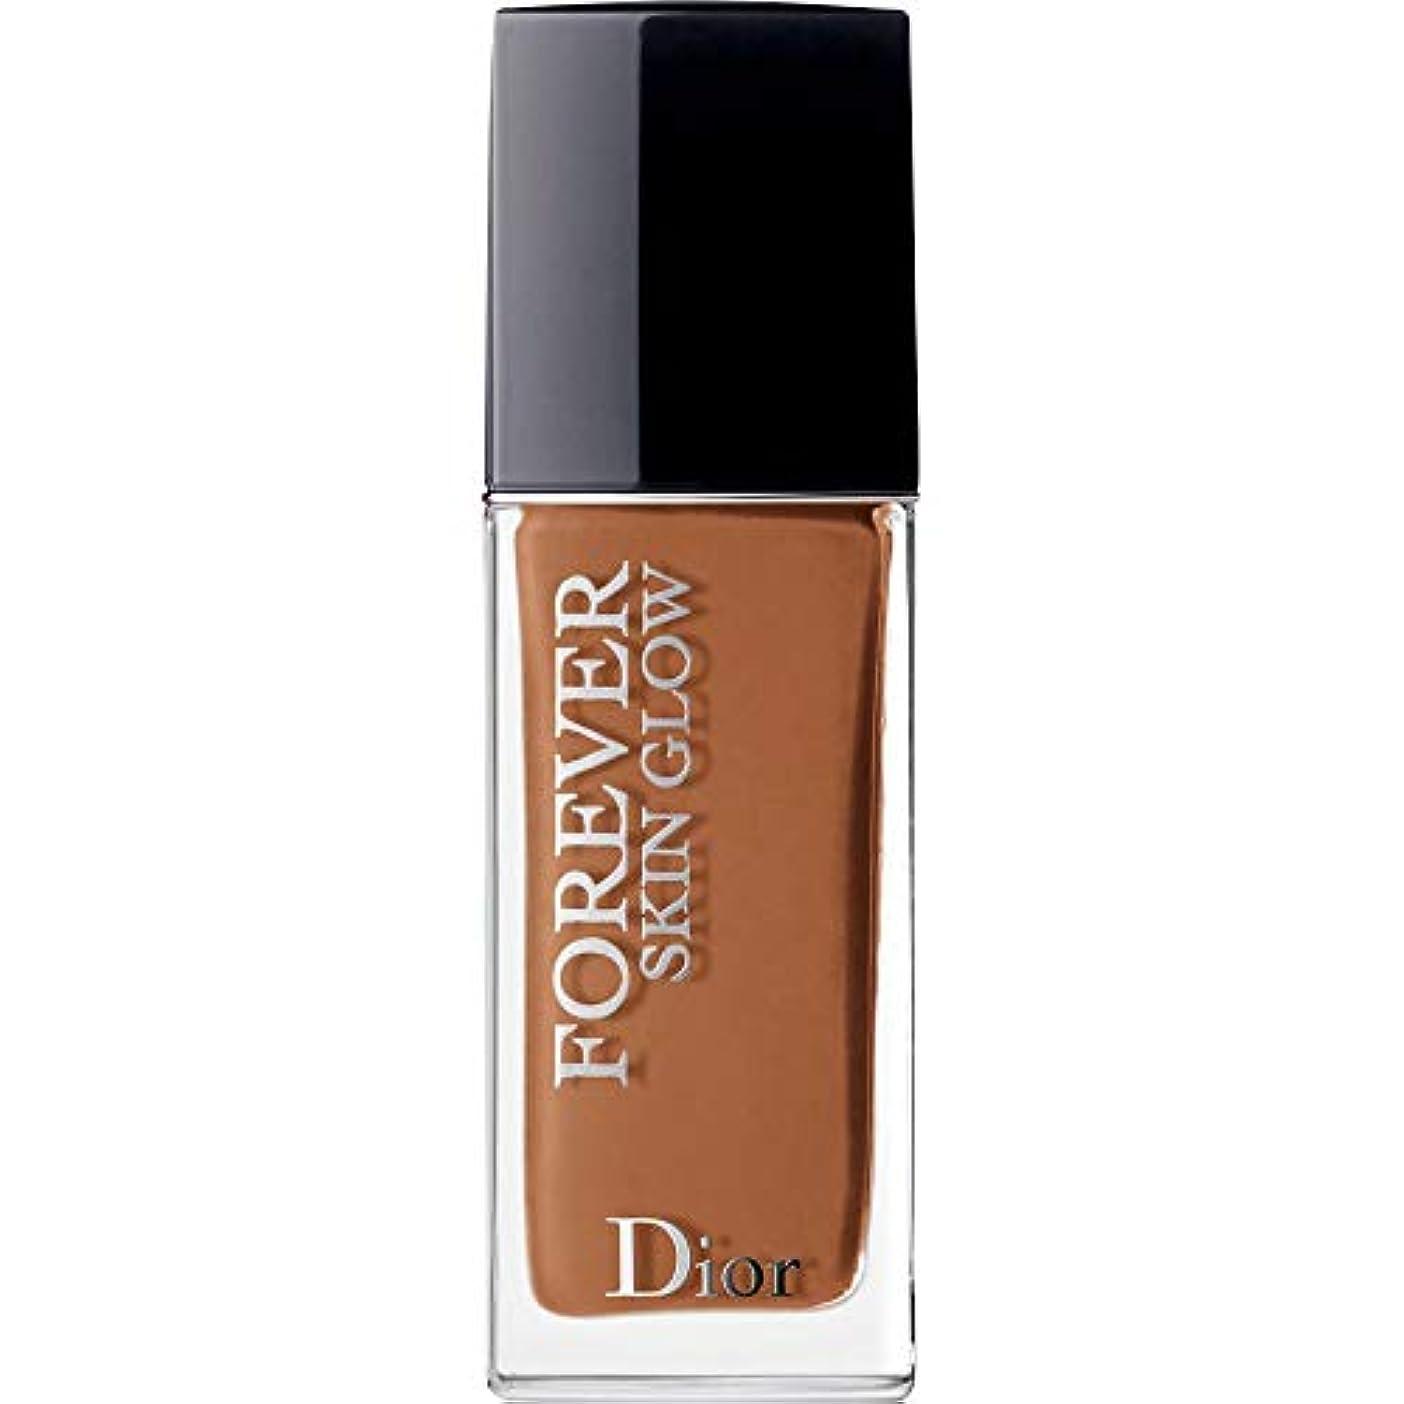 どれでも協力的論文[Dior ] ディオール永遠に皮膚グロー皮膚思いやりの基礎Spf35 30ミリリットルの6N - ニュートラル(肌の輝き) - DIOR Forever Skin Glow Skin-Caring Foundation...